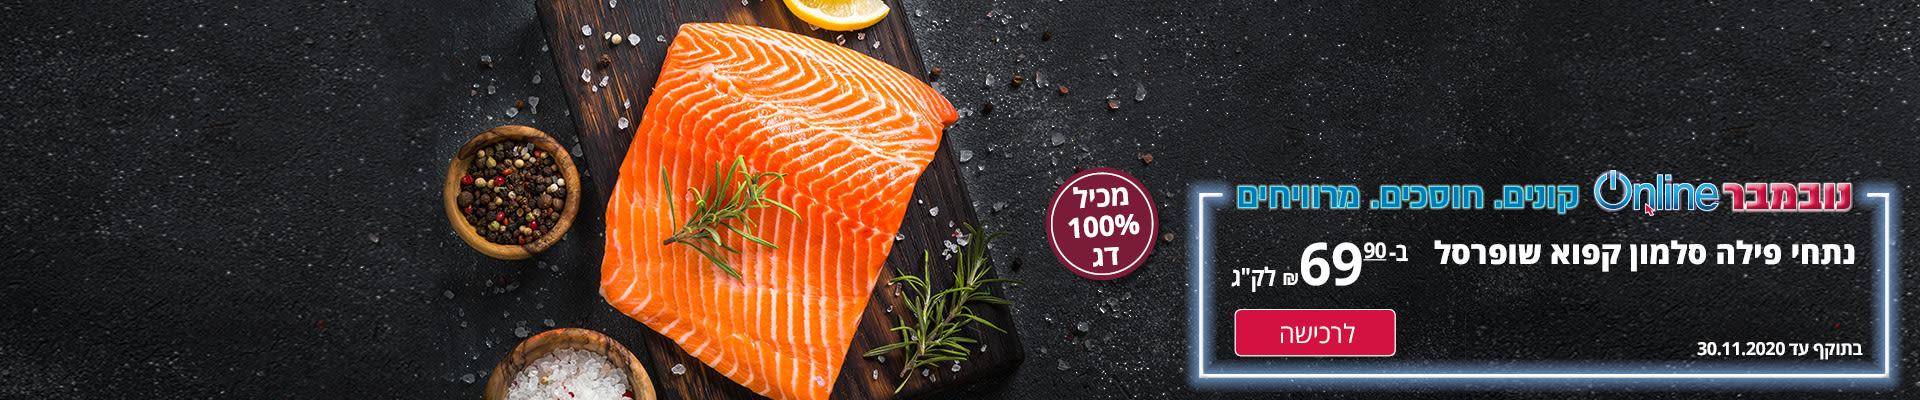 """נובמבר ONLINE : נתחי פילה סלמון נורווגי קפוא ב- 69.90 ₪ לק""""ג. מכיל 100% דג. בתוקף עד 30.11.2020"""